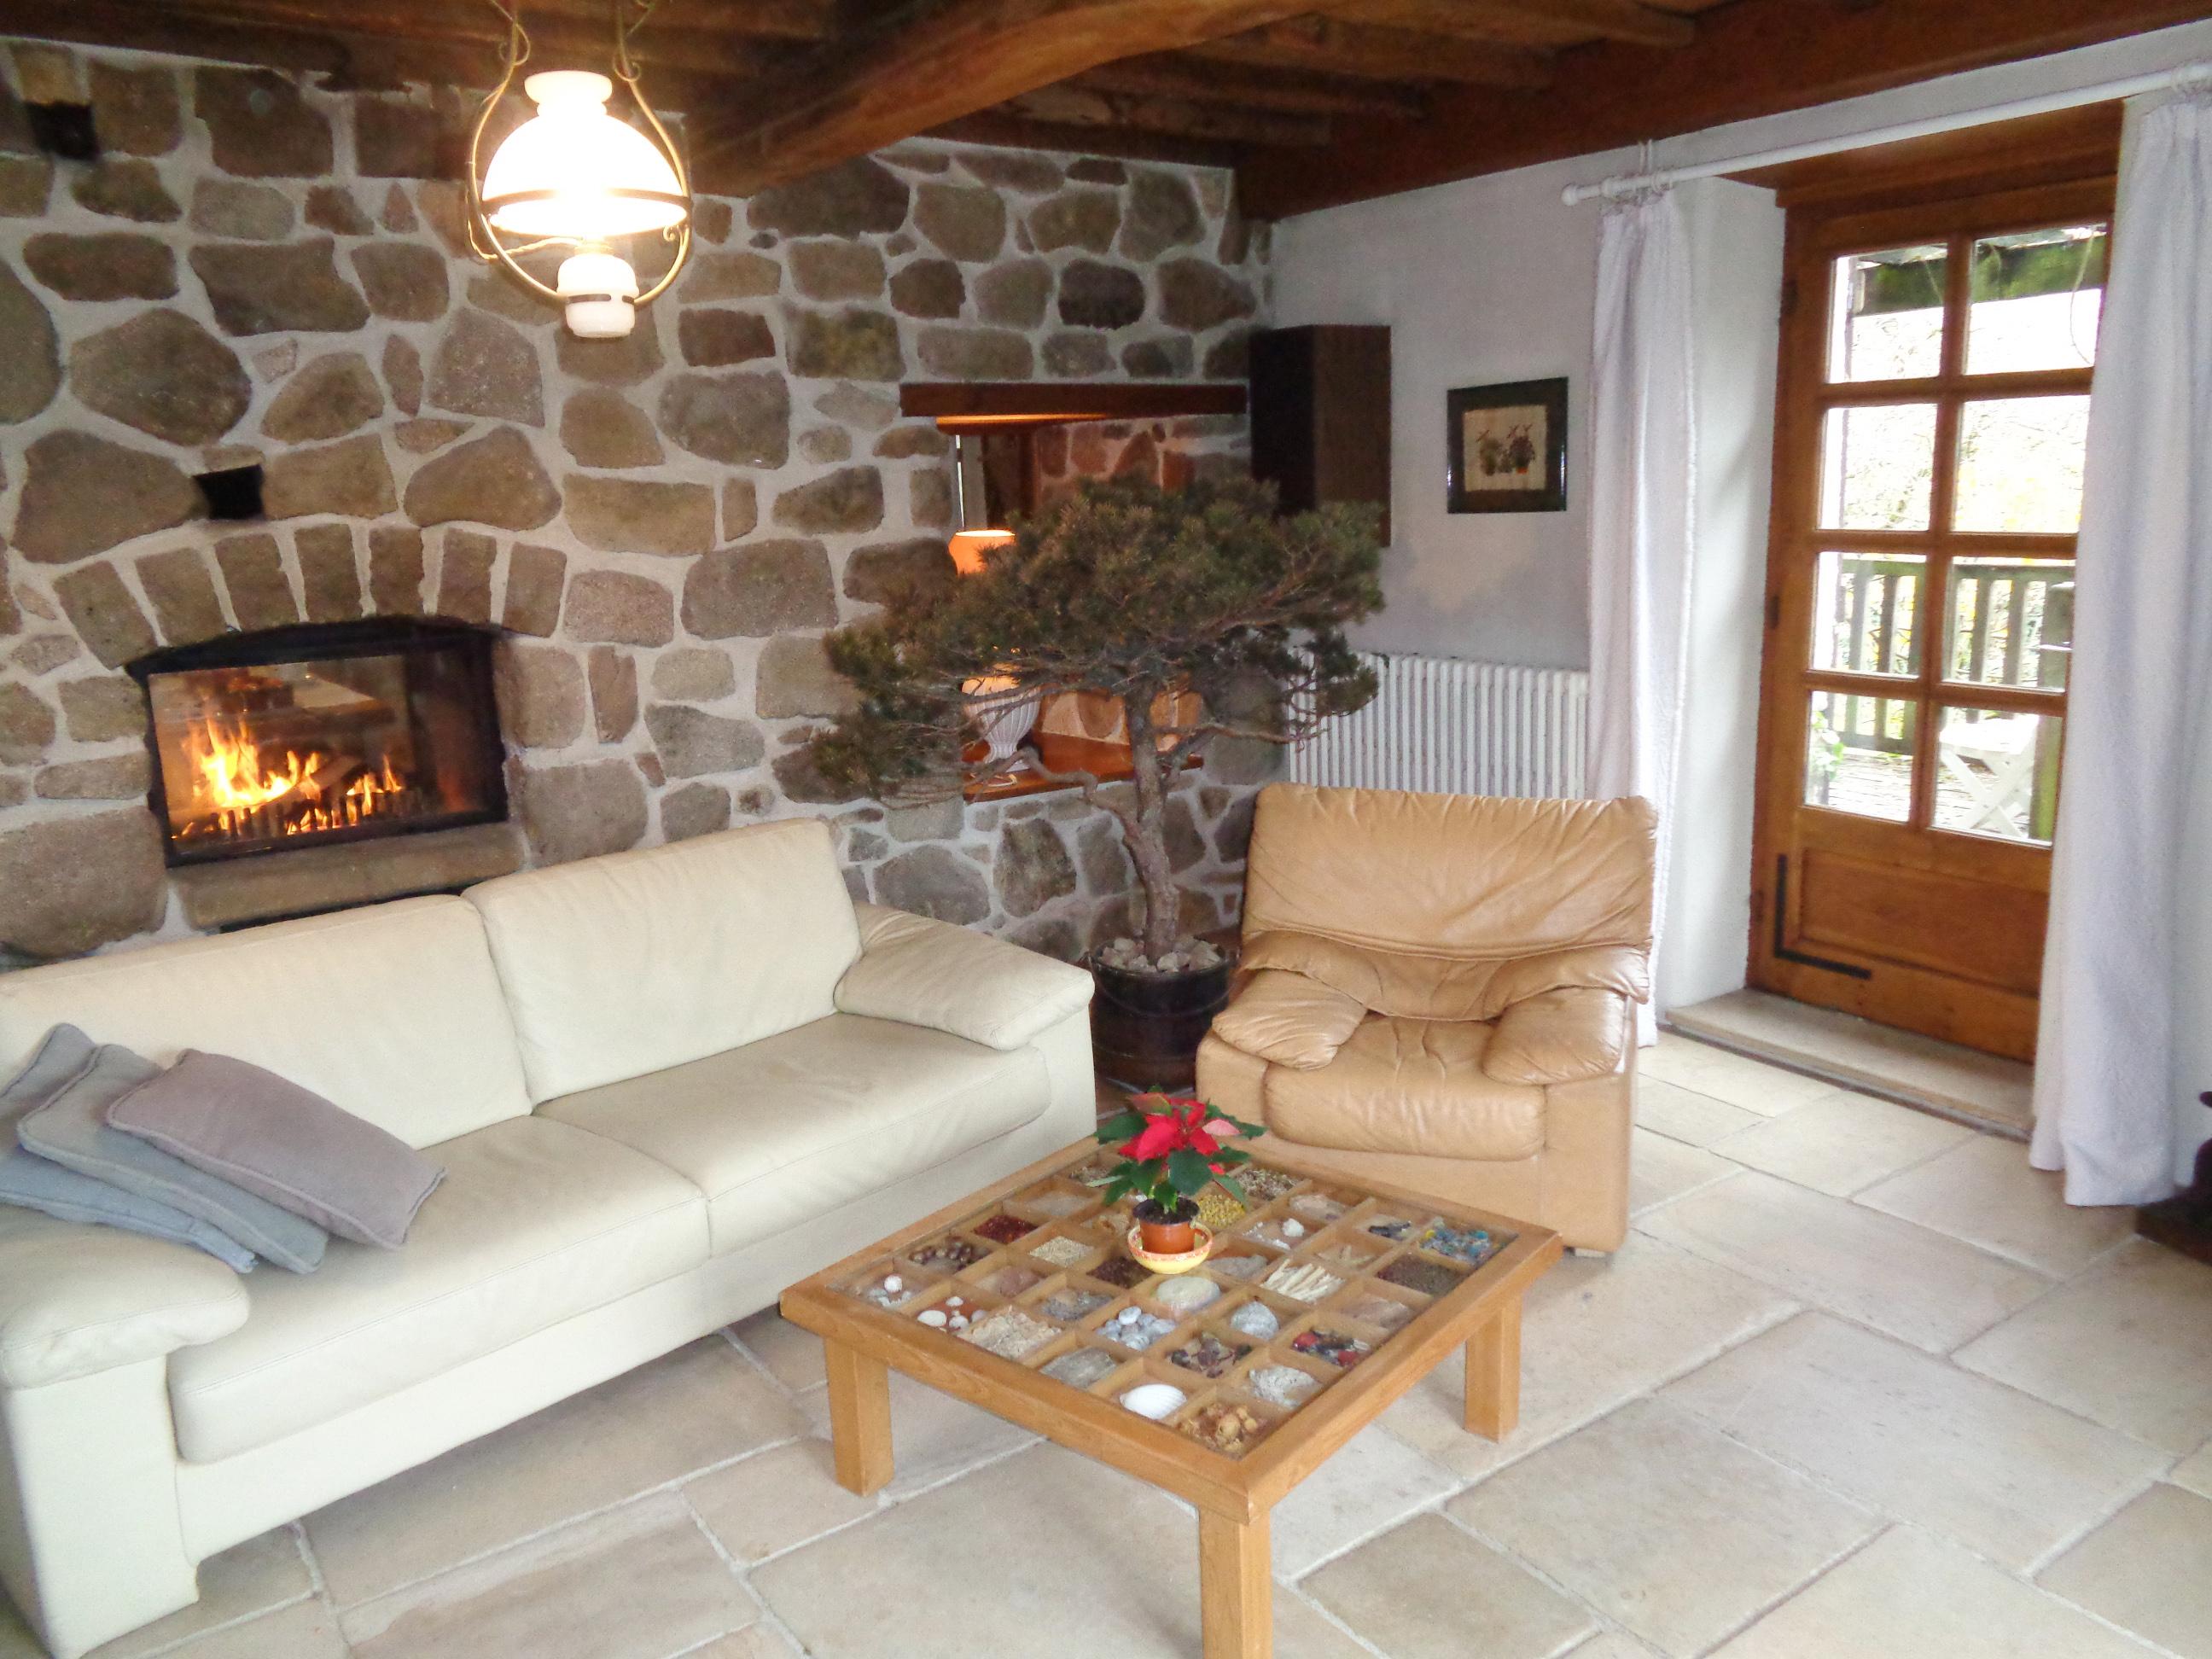 Le salon de ma maison de campagne - Canapé 3 places et 2 fauteuils en cuir, bonnetière ancienne cachant la chaine hifi, le lecteur DVD et la télévision. Porte donnant accès à la terrasse en bois.